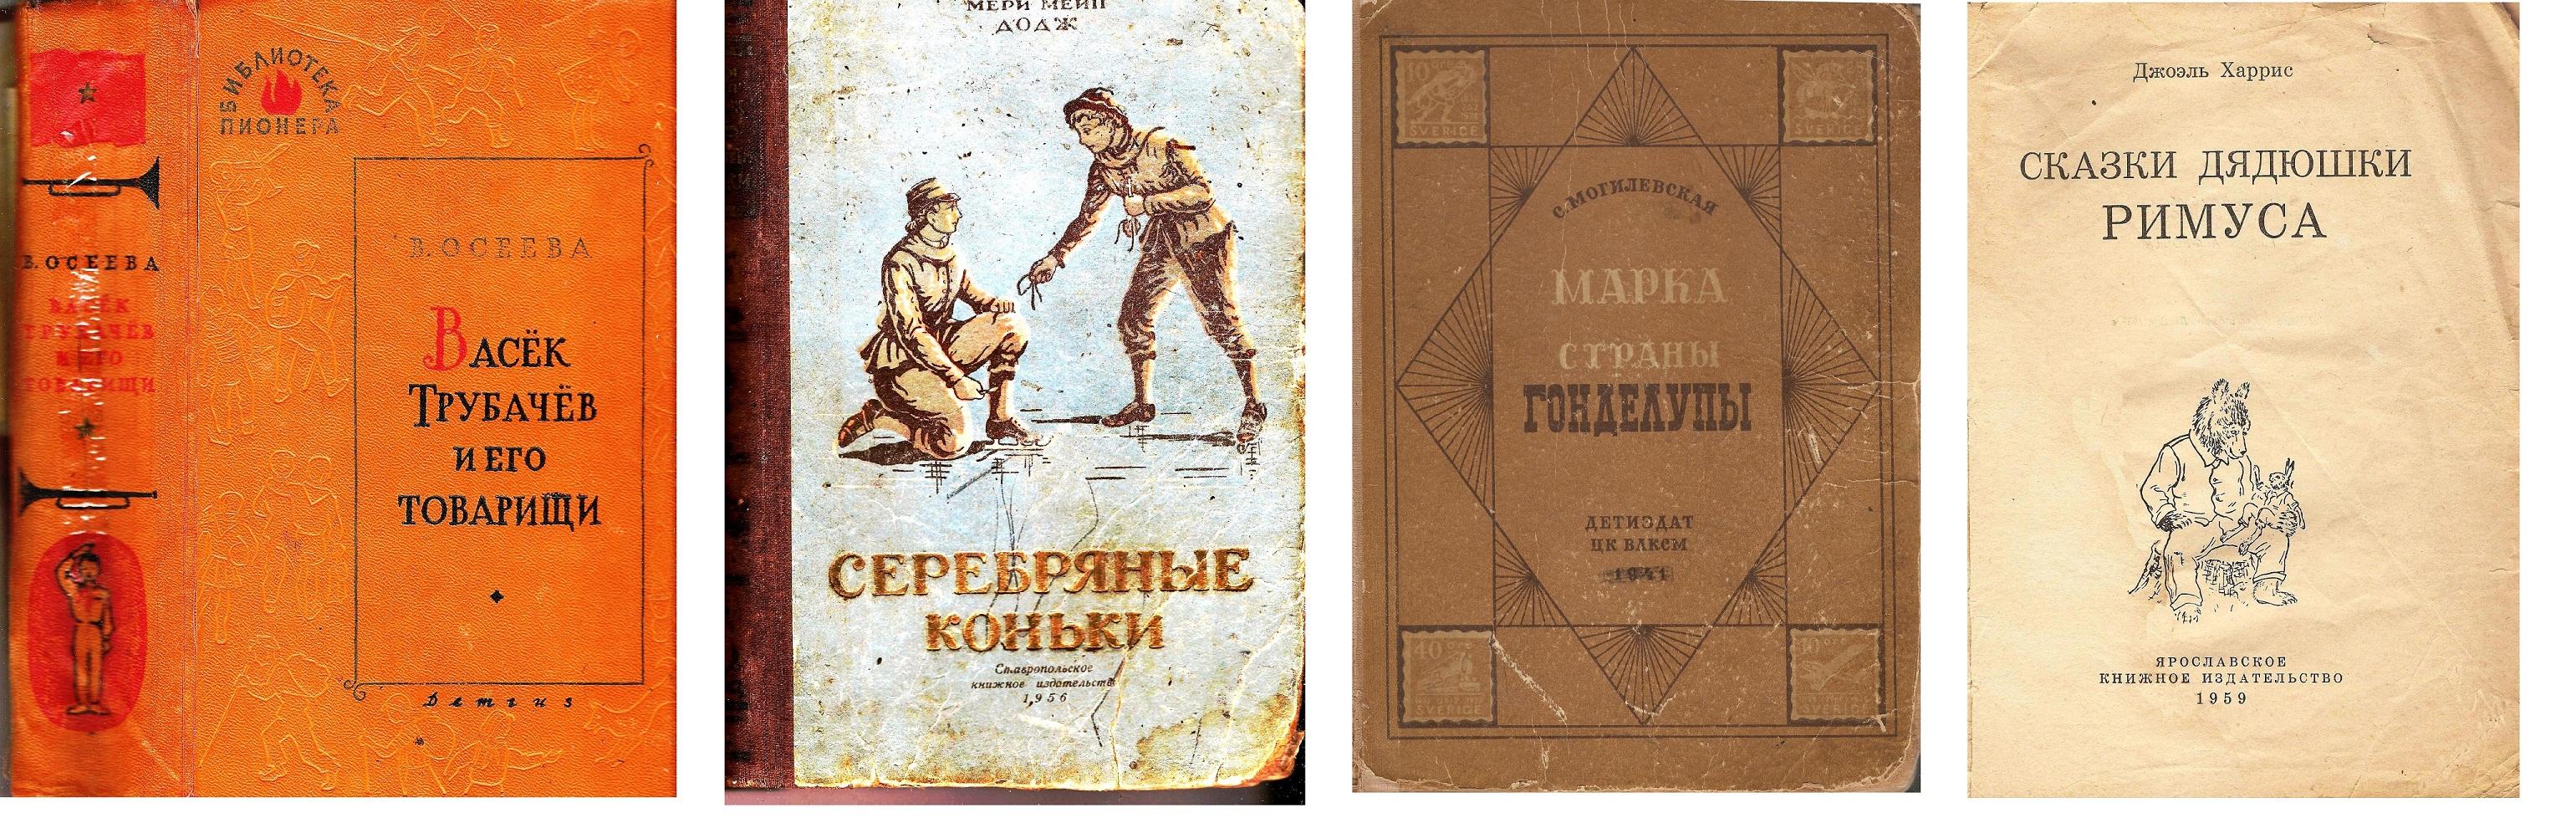 Васек трубачев и его товарищи раскраска